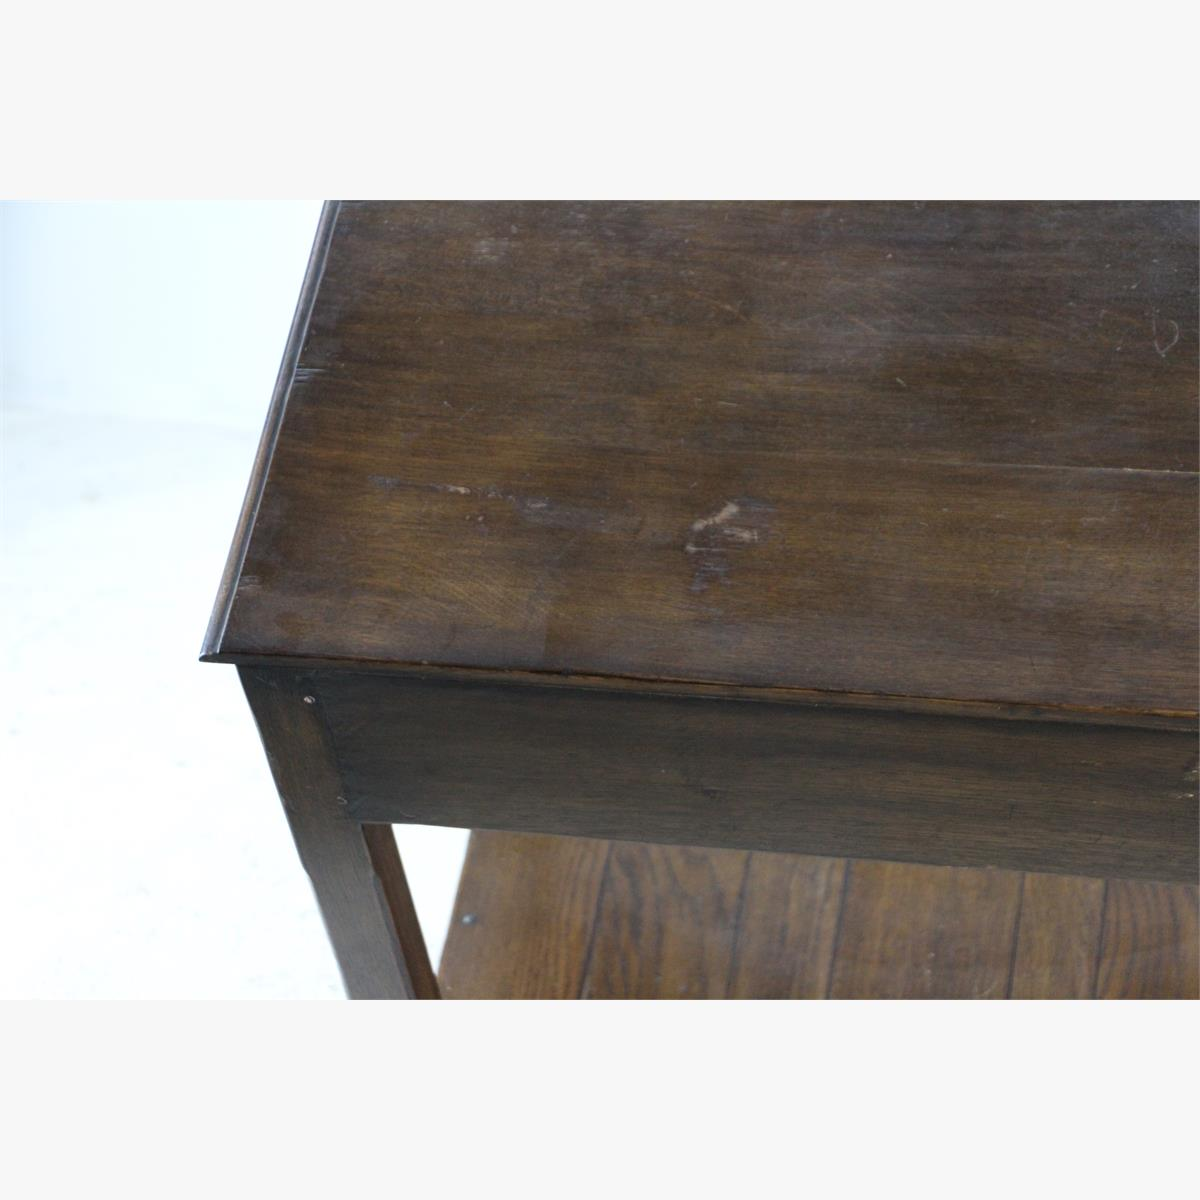 Afbeeldingen van oude eiken side table